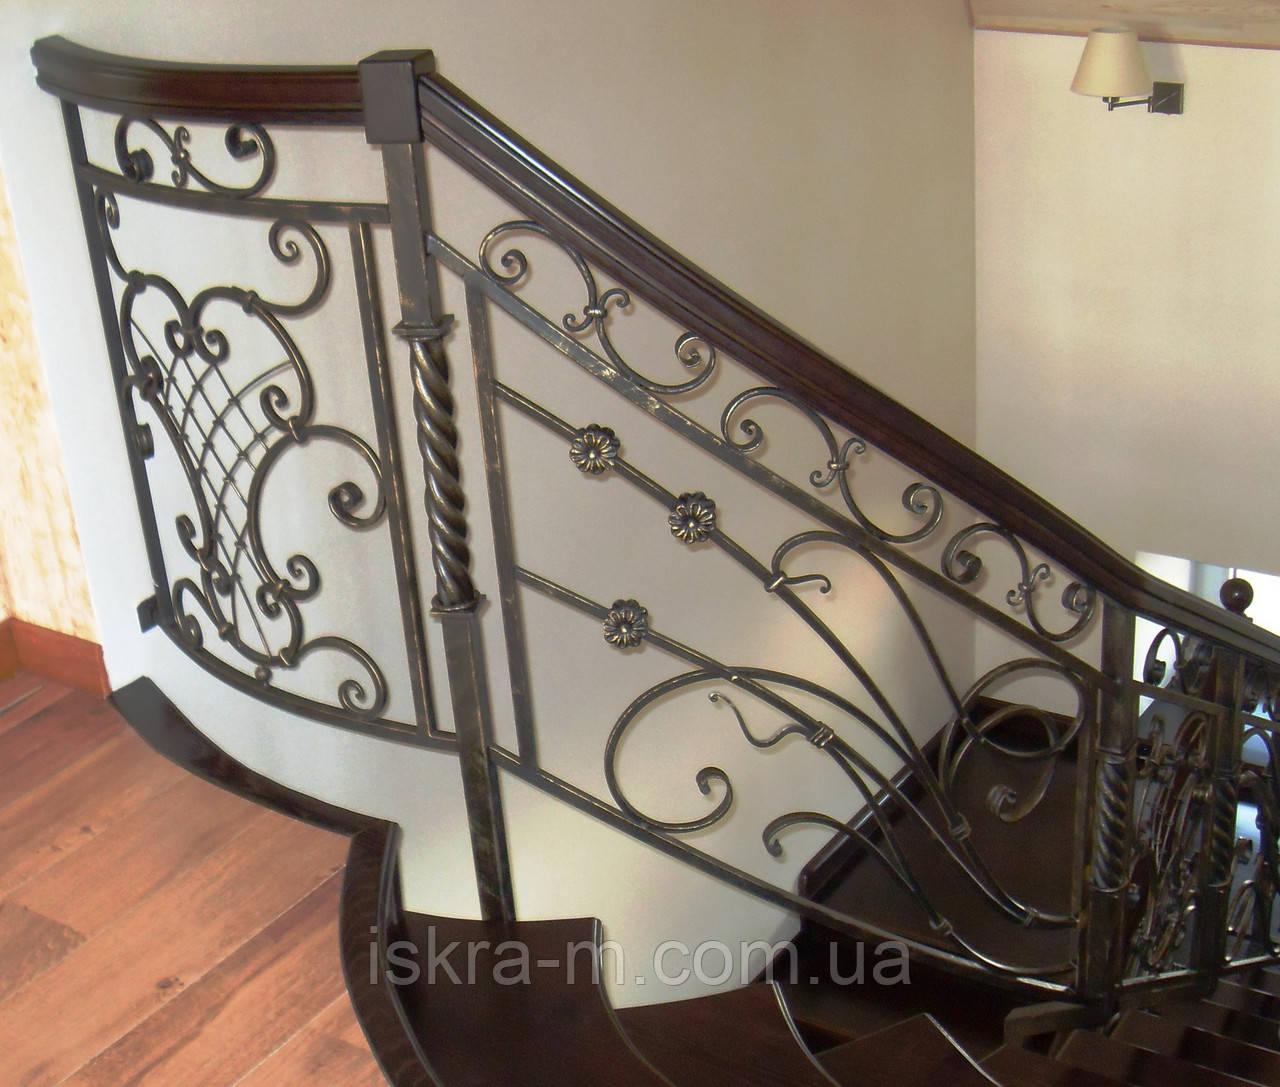 Лестничное ограждение для лестницы